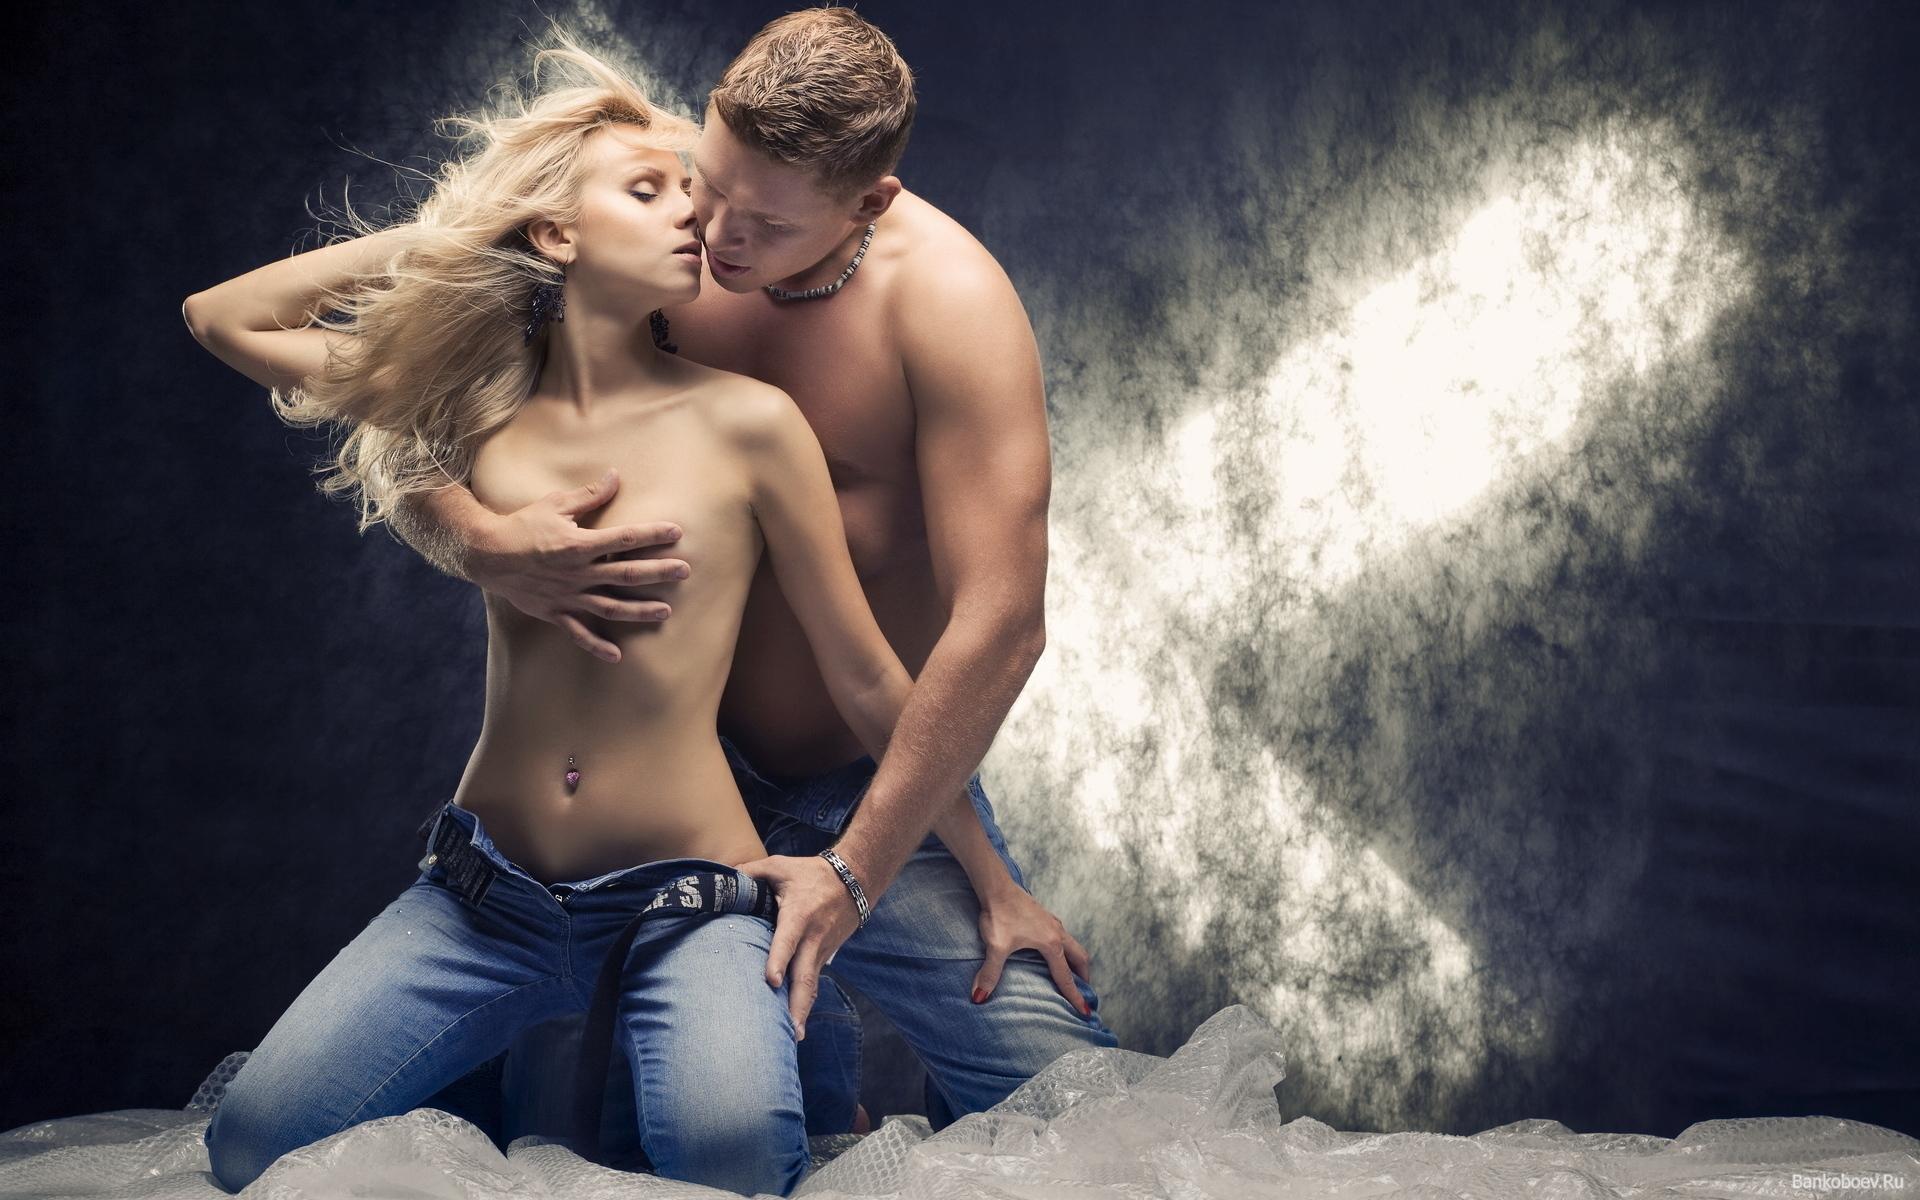 Фото прелюдии мужчины и женщины 8 фотография